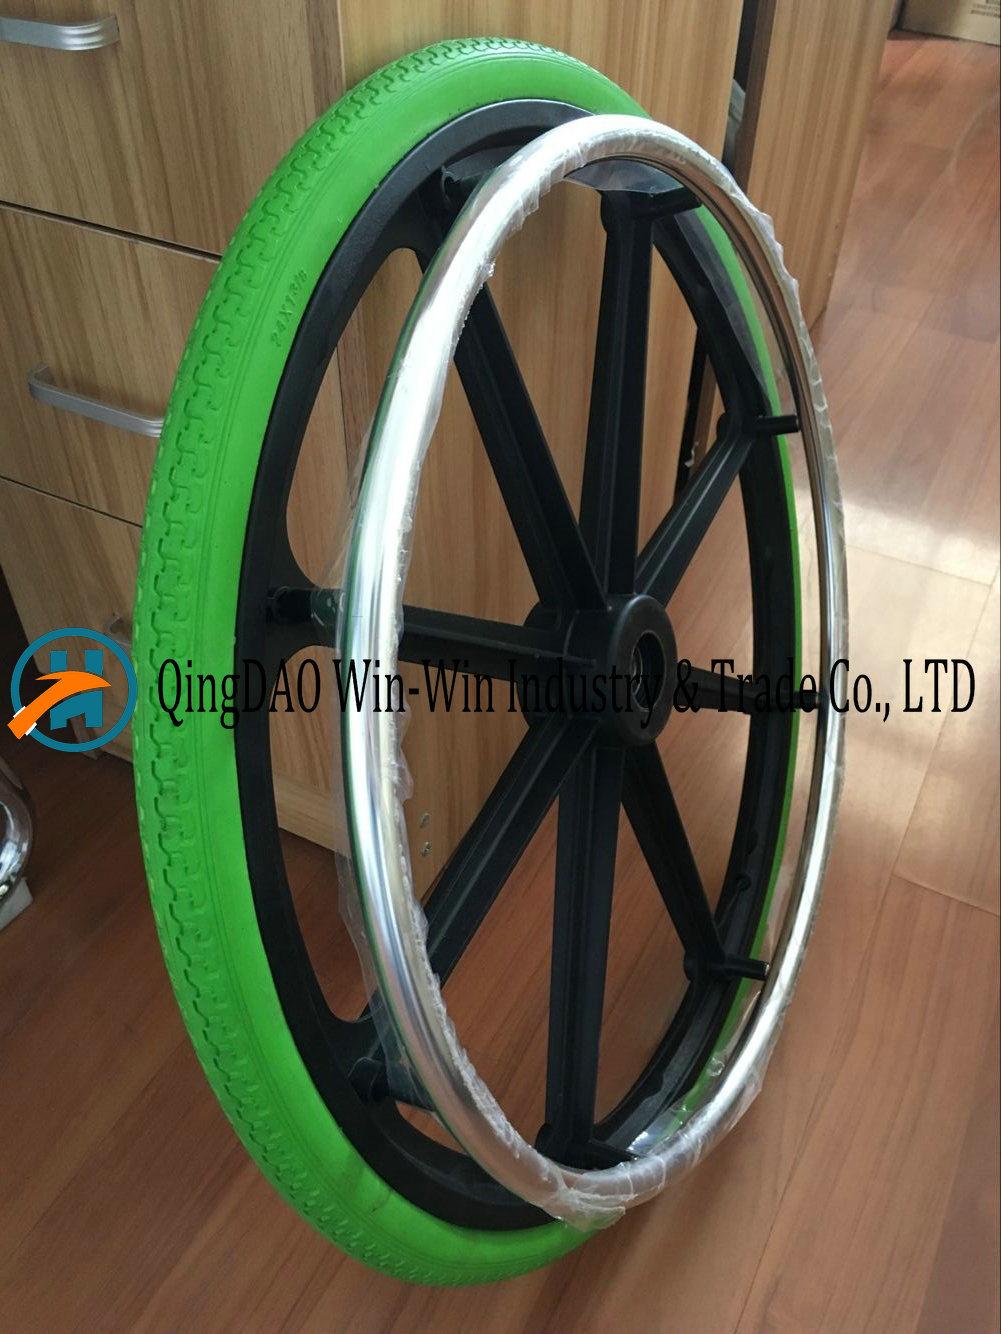 Solid Polyurethane Foam Wheel for Wheelchair Wheel (24X1 3/8)